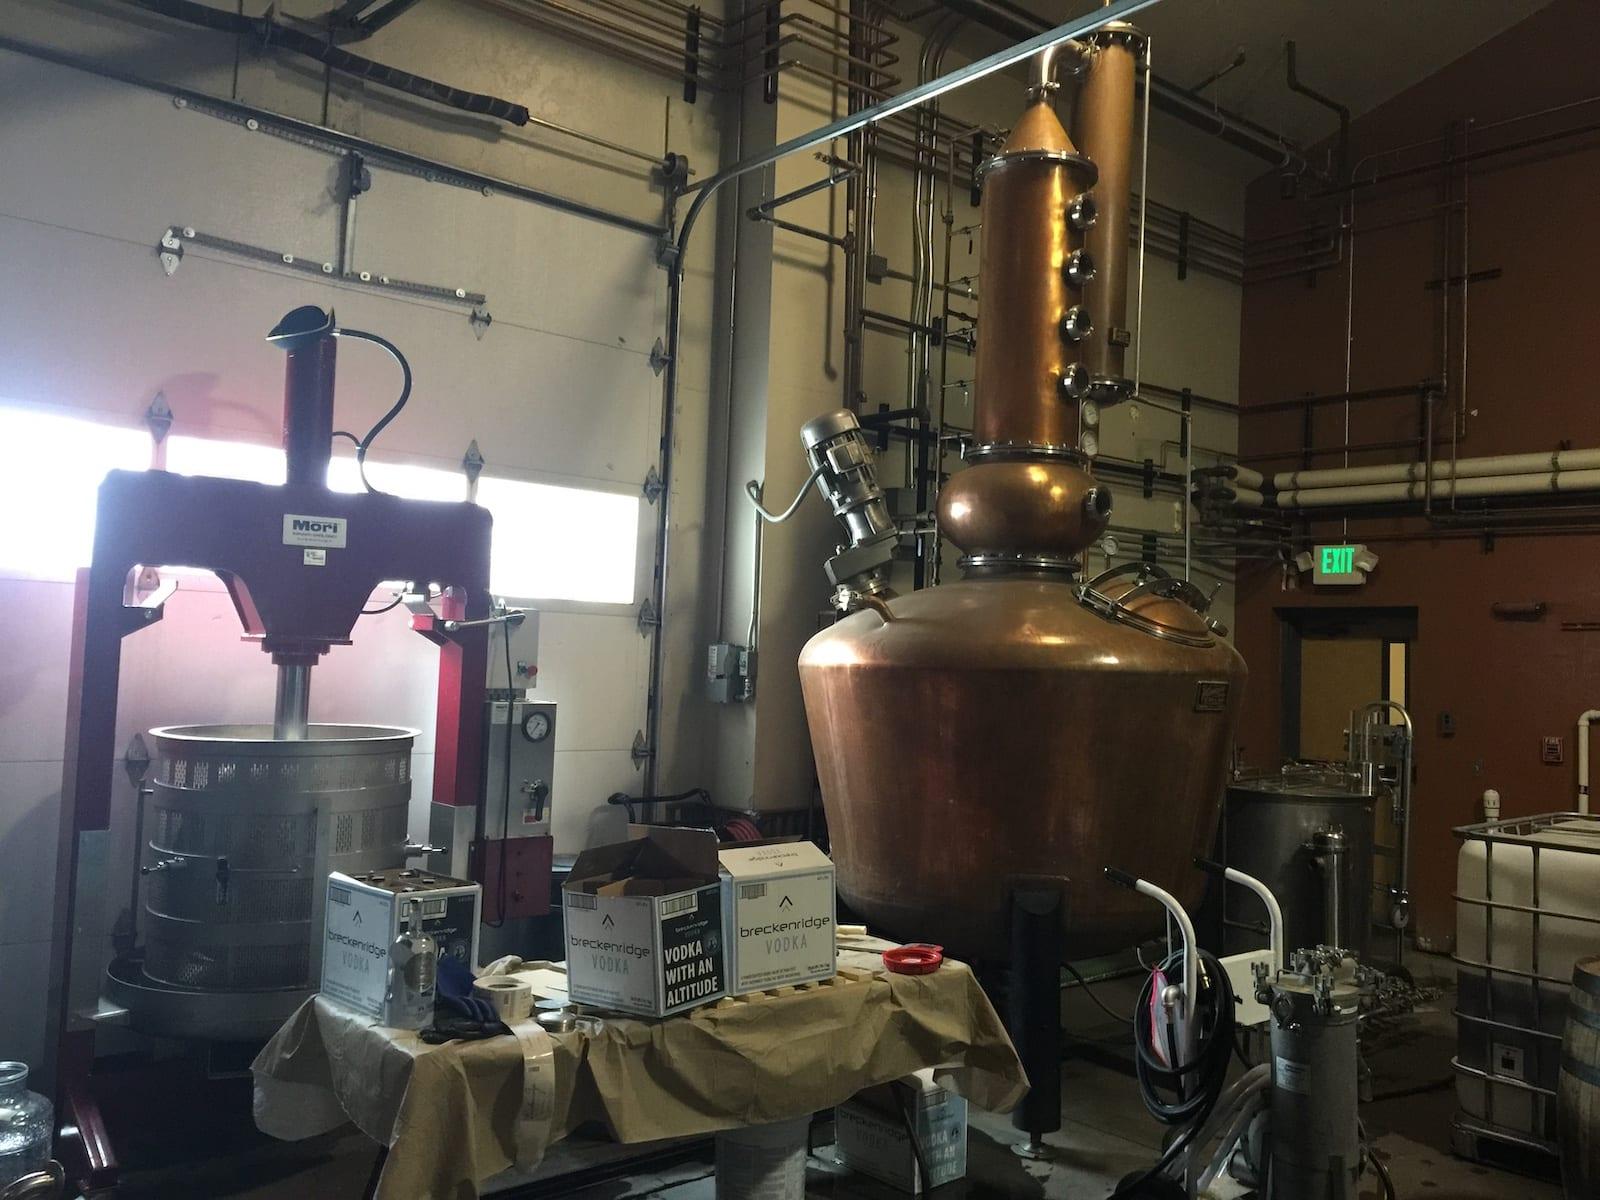 Breckenridge Distillery Tour Brew Kettle